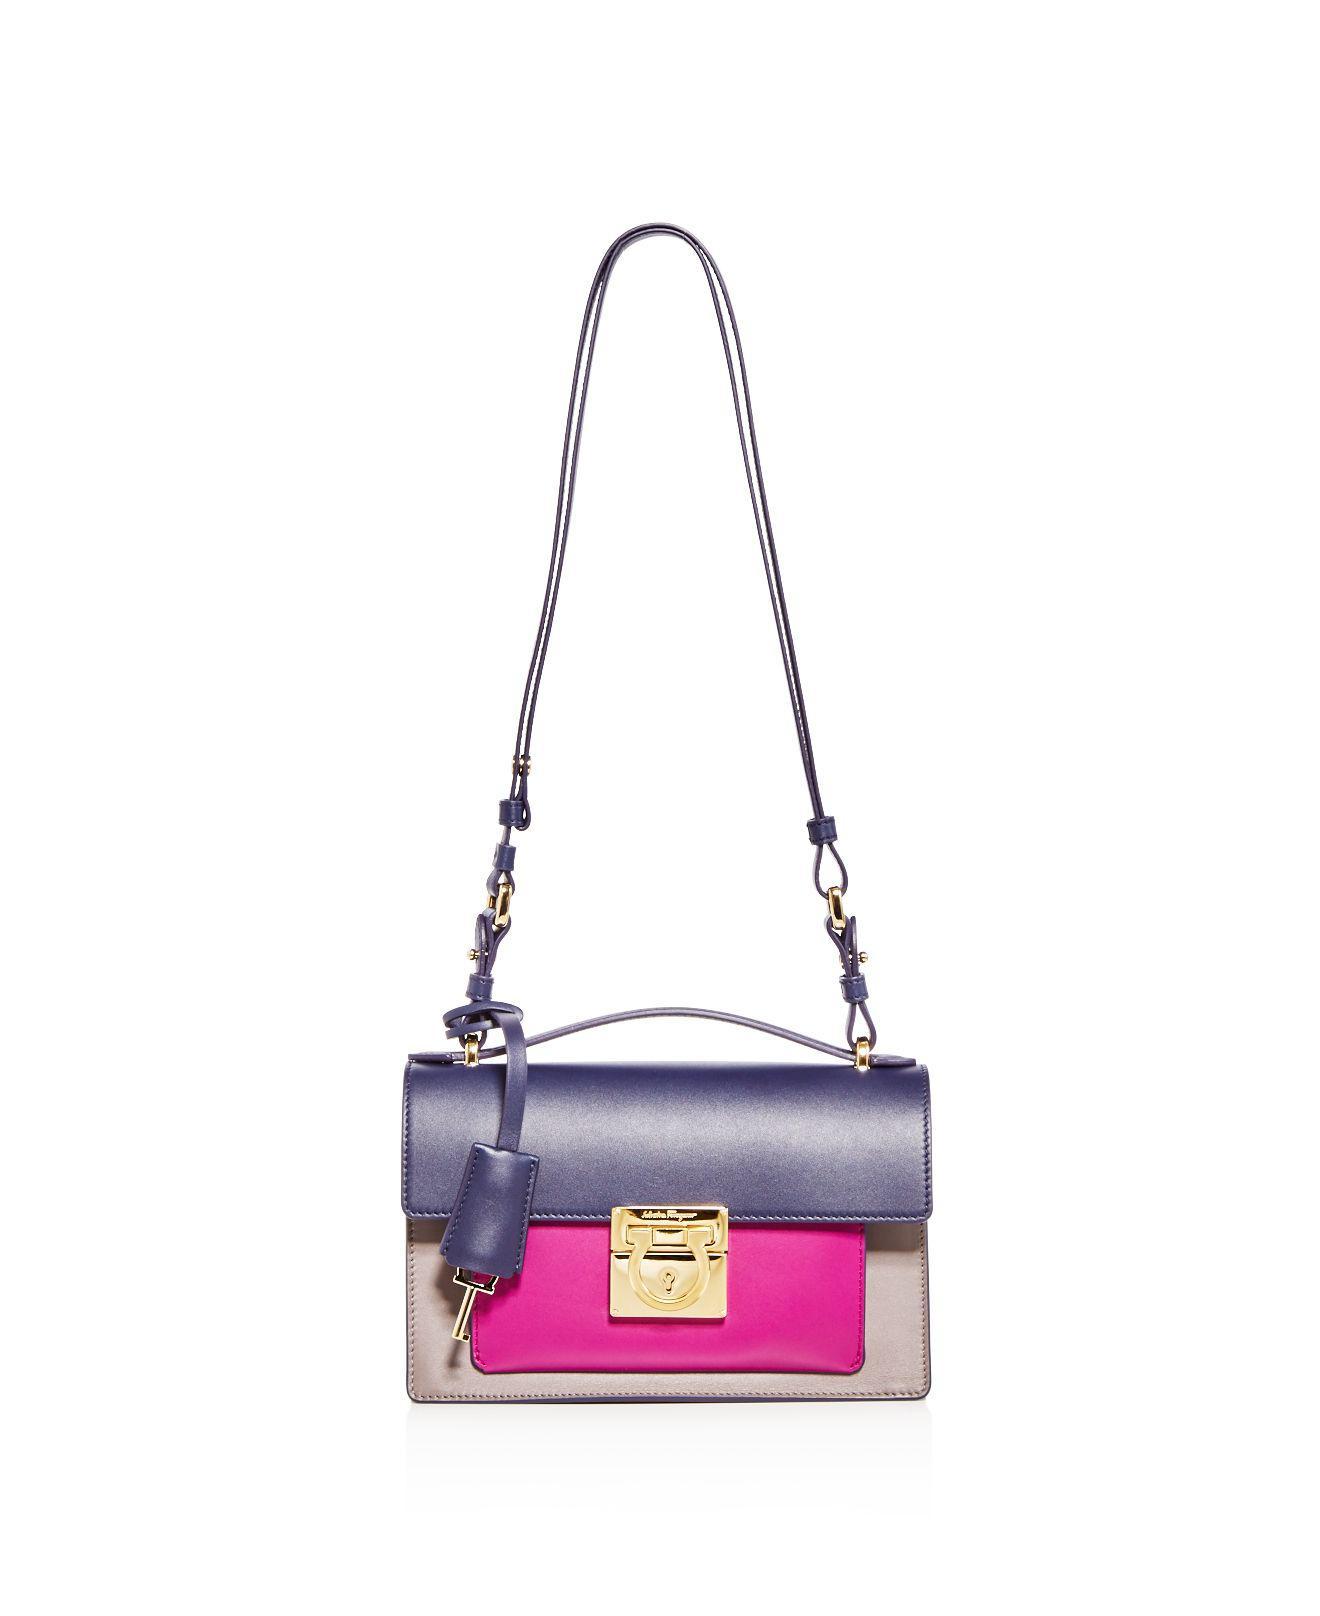 Lyst - Ferragamo Aileen Color Block Leather Shoulder Bag 8e0cb8c88d478